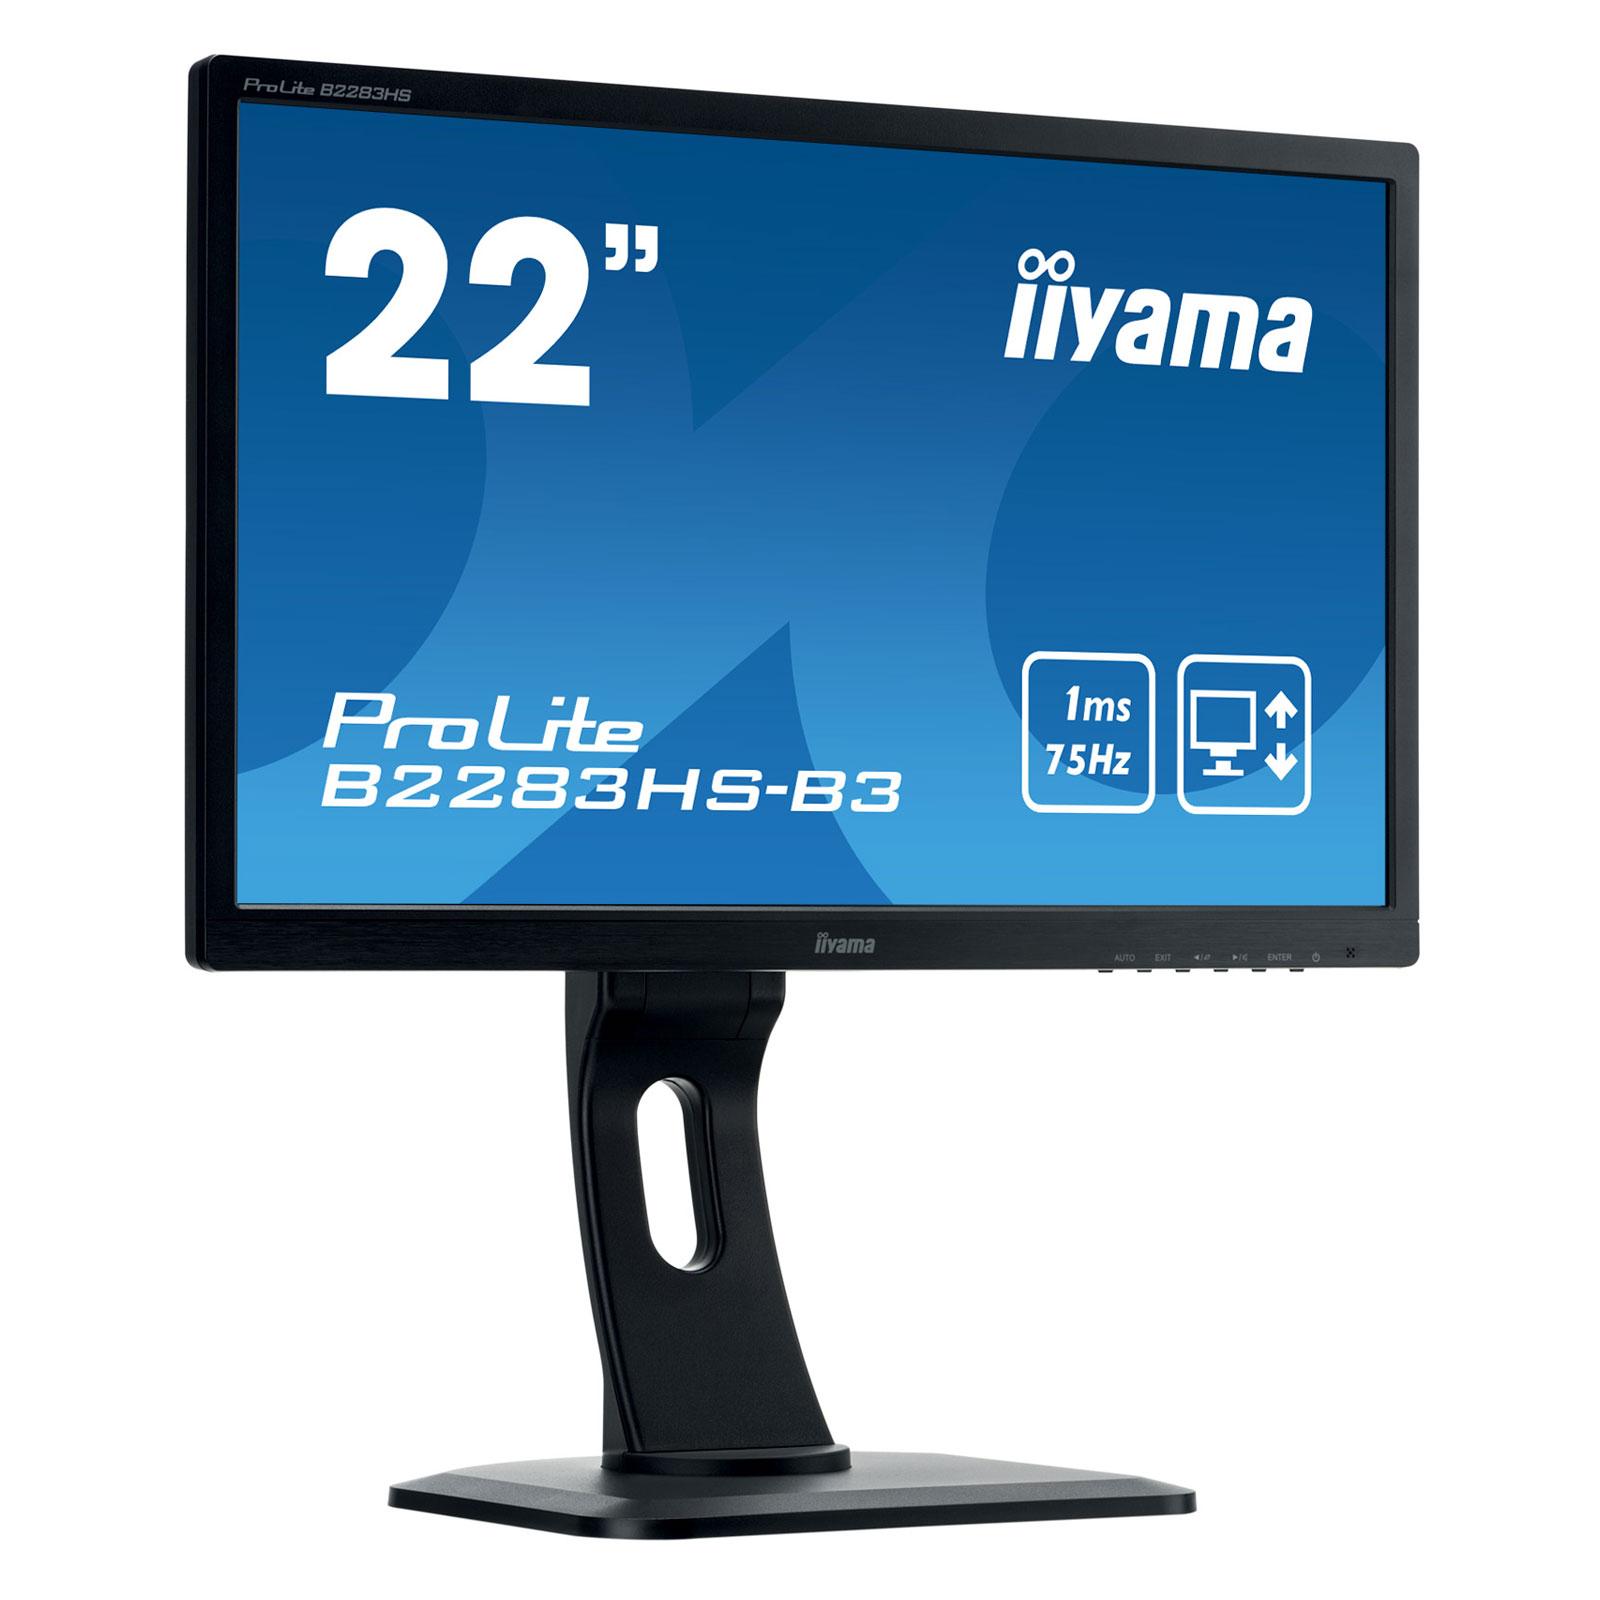 """Ecran PC iiyama 21.5"""" LED - ProLite B2283HS-B3 1920 x 1080 pixels - 1 ms - Format large 16/9 - HDMI - Pivot - Noir"""